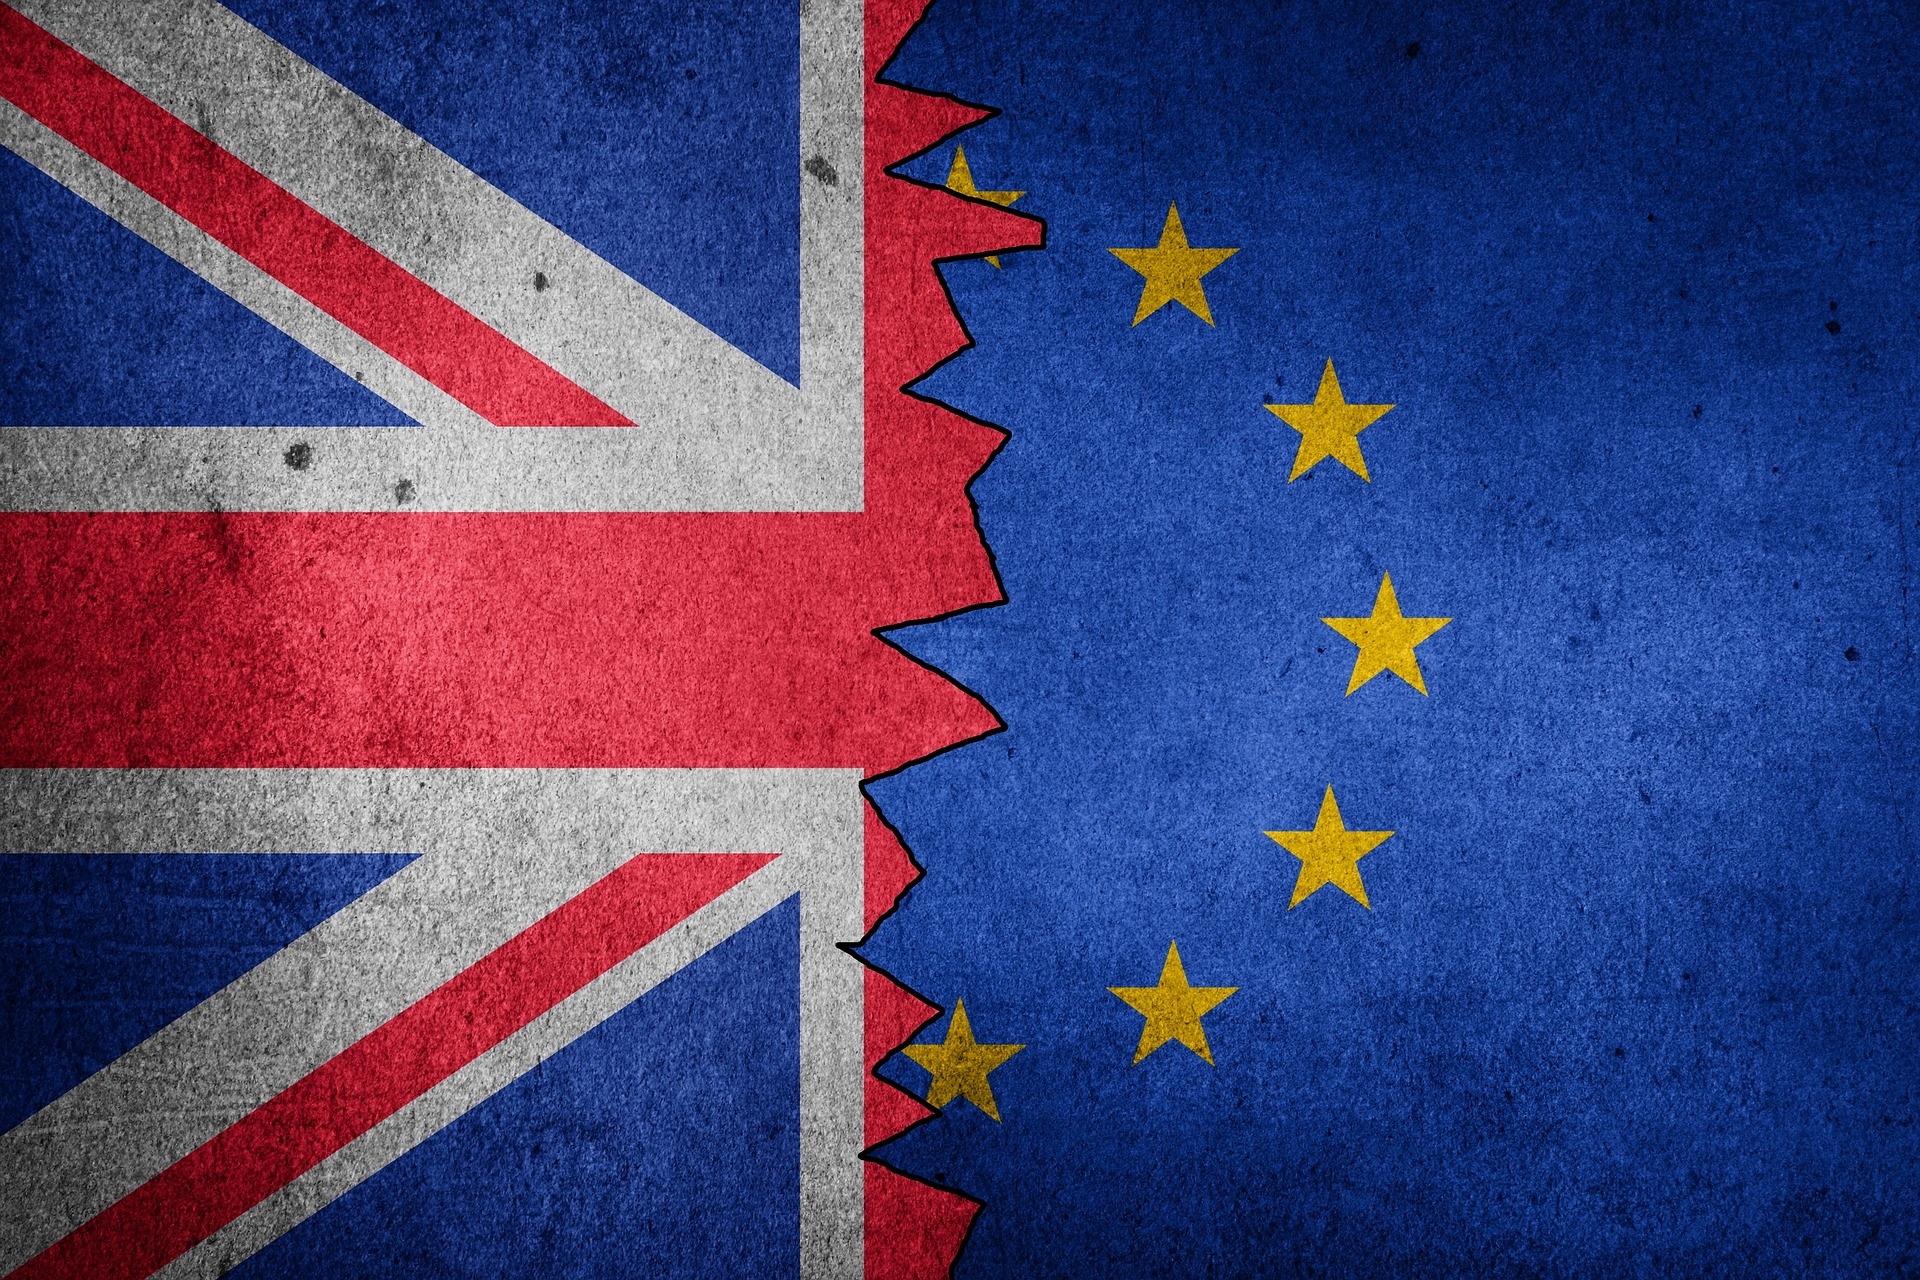 Großbritannien ist nicht bereit für mehr Kontrollen als Folge des Brexits. Werden die kommenden Monate die Probleme an den Grenzen zur EU noch verschärfen?